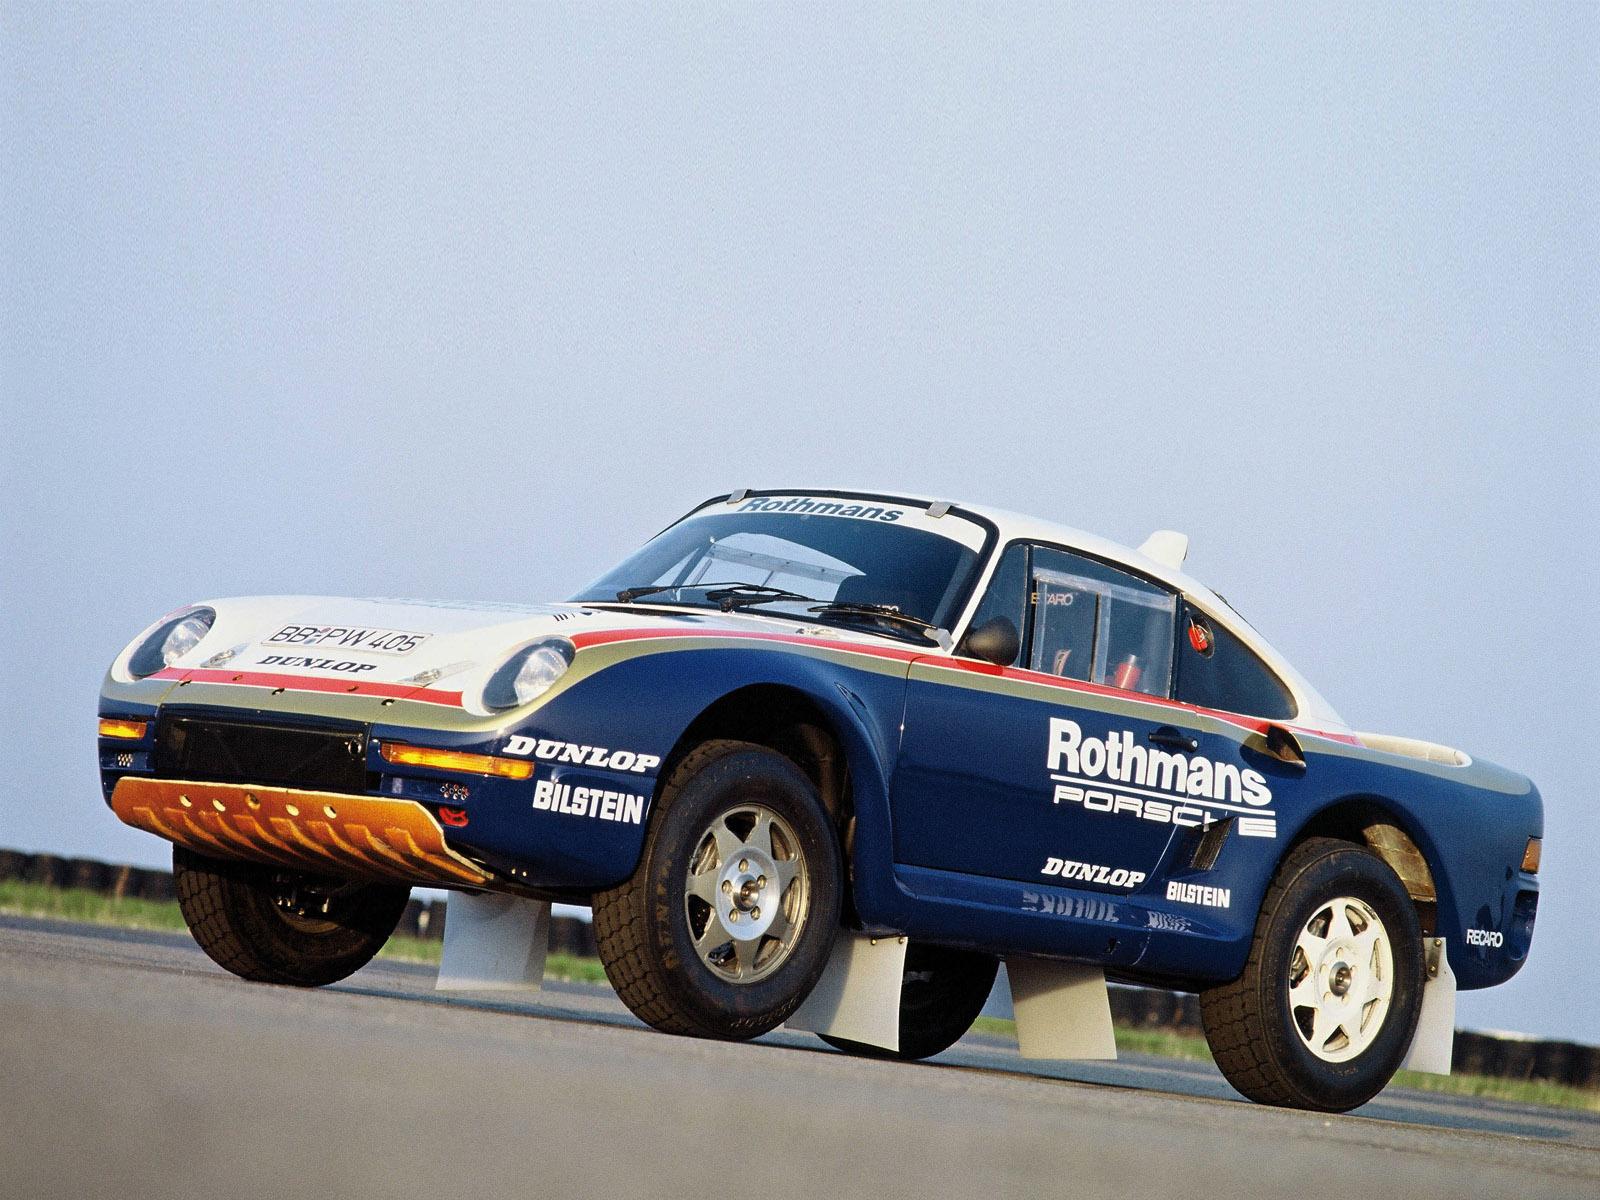 Rothmans-Porsche 959